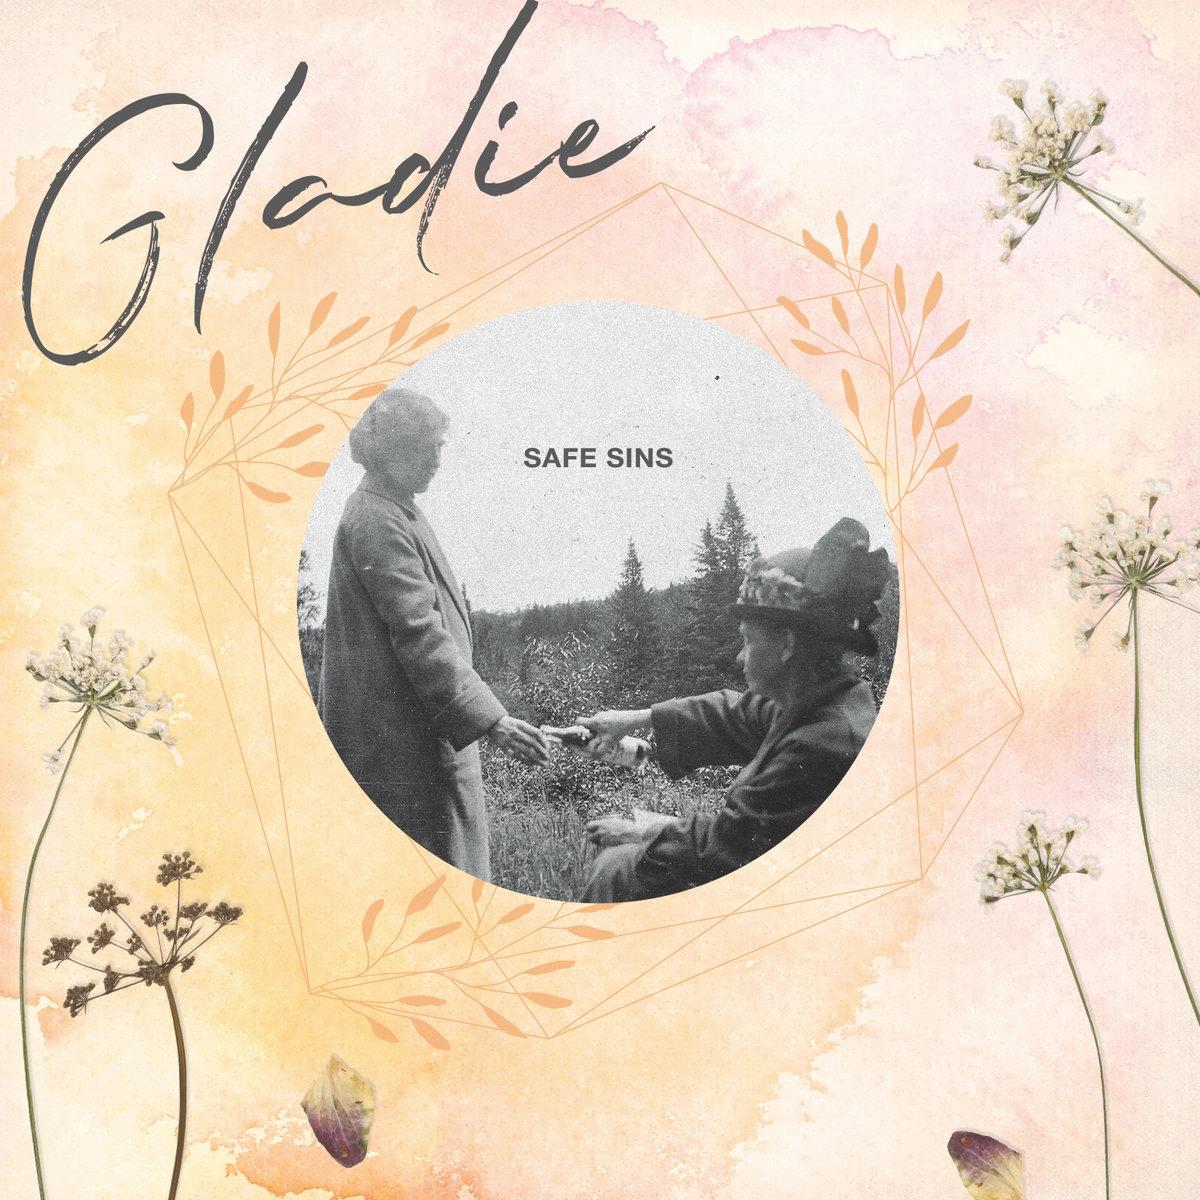 Gladie, Augusta Koch, Cayetana, Safe Sins